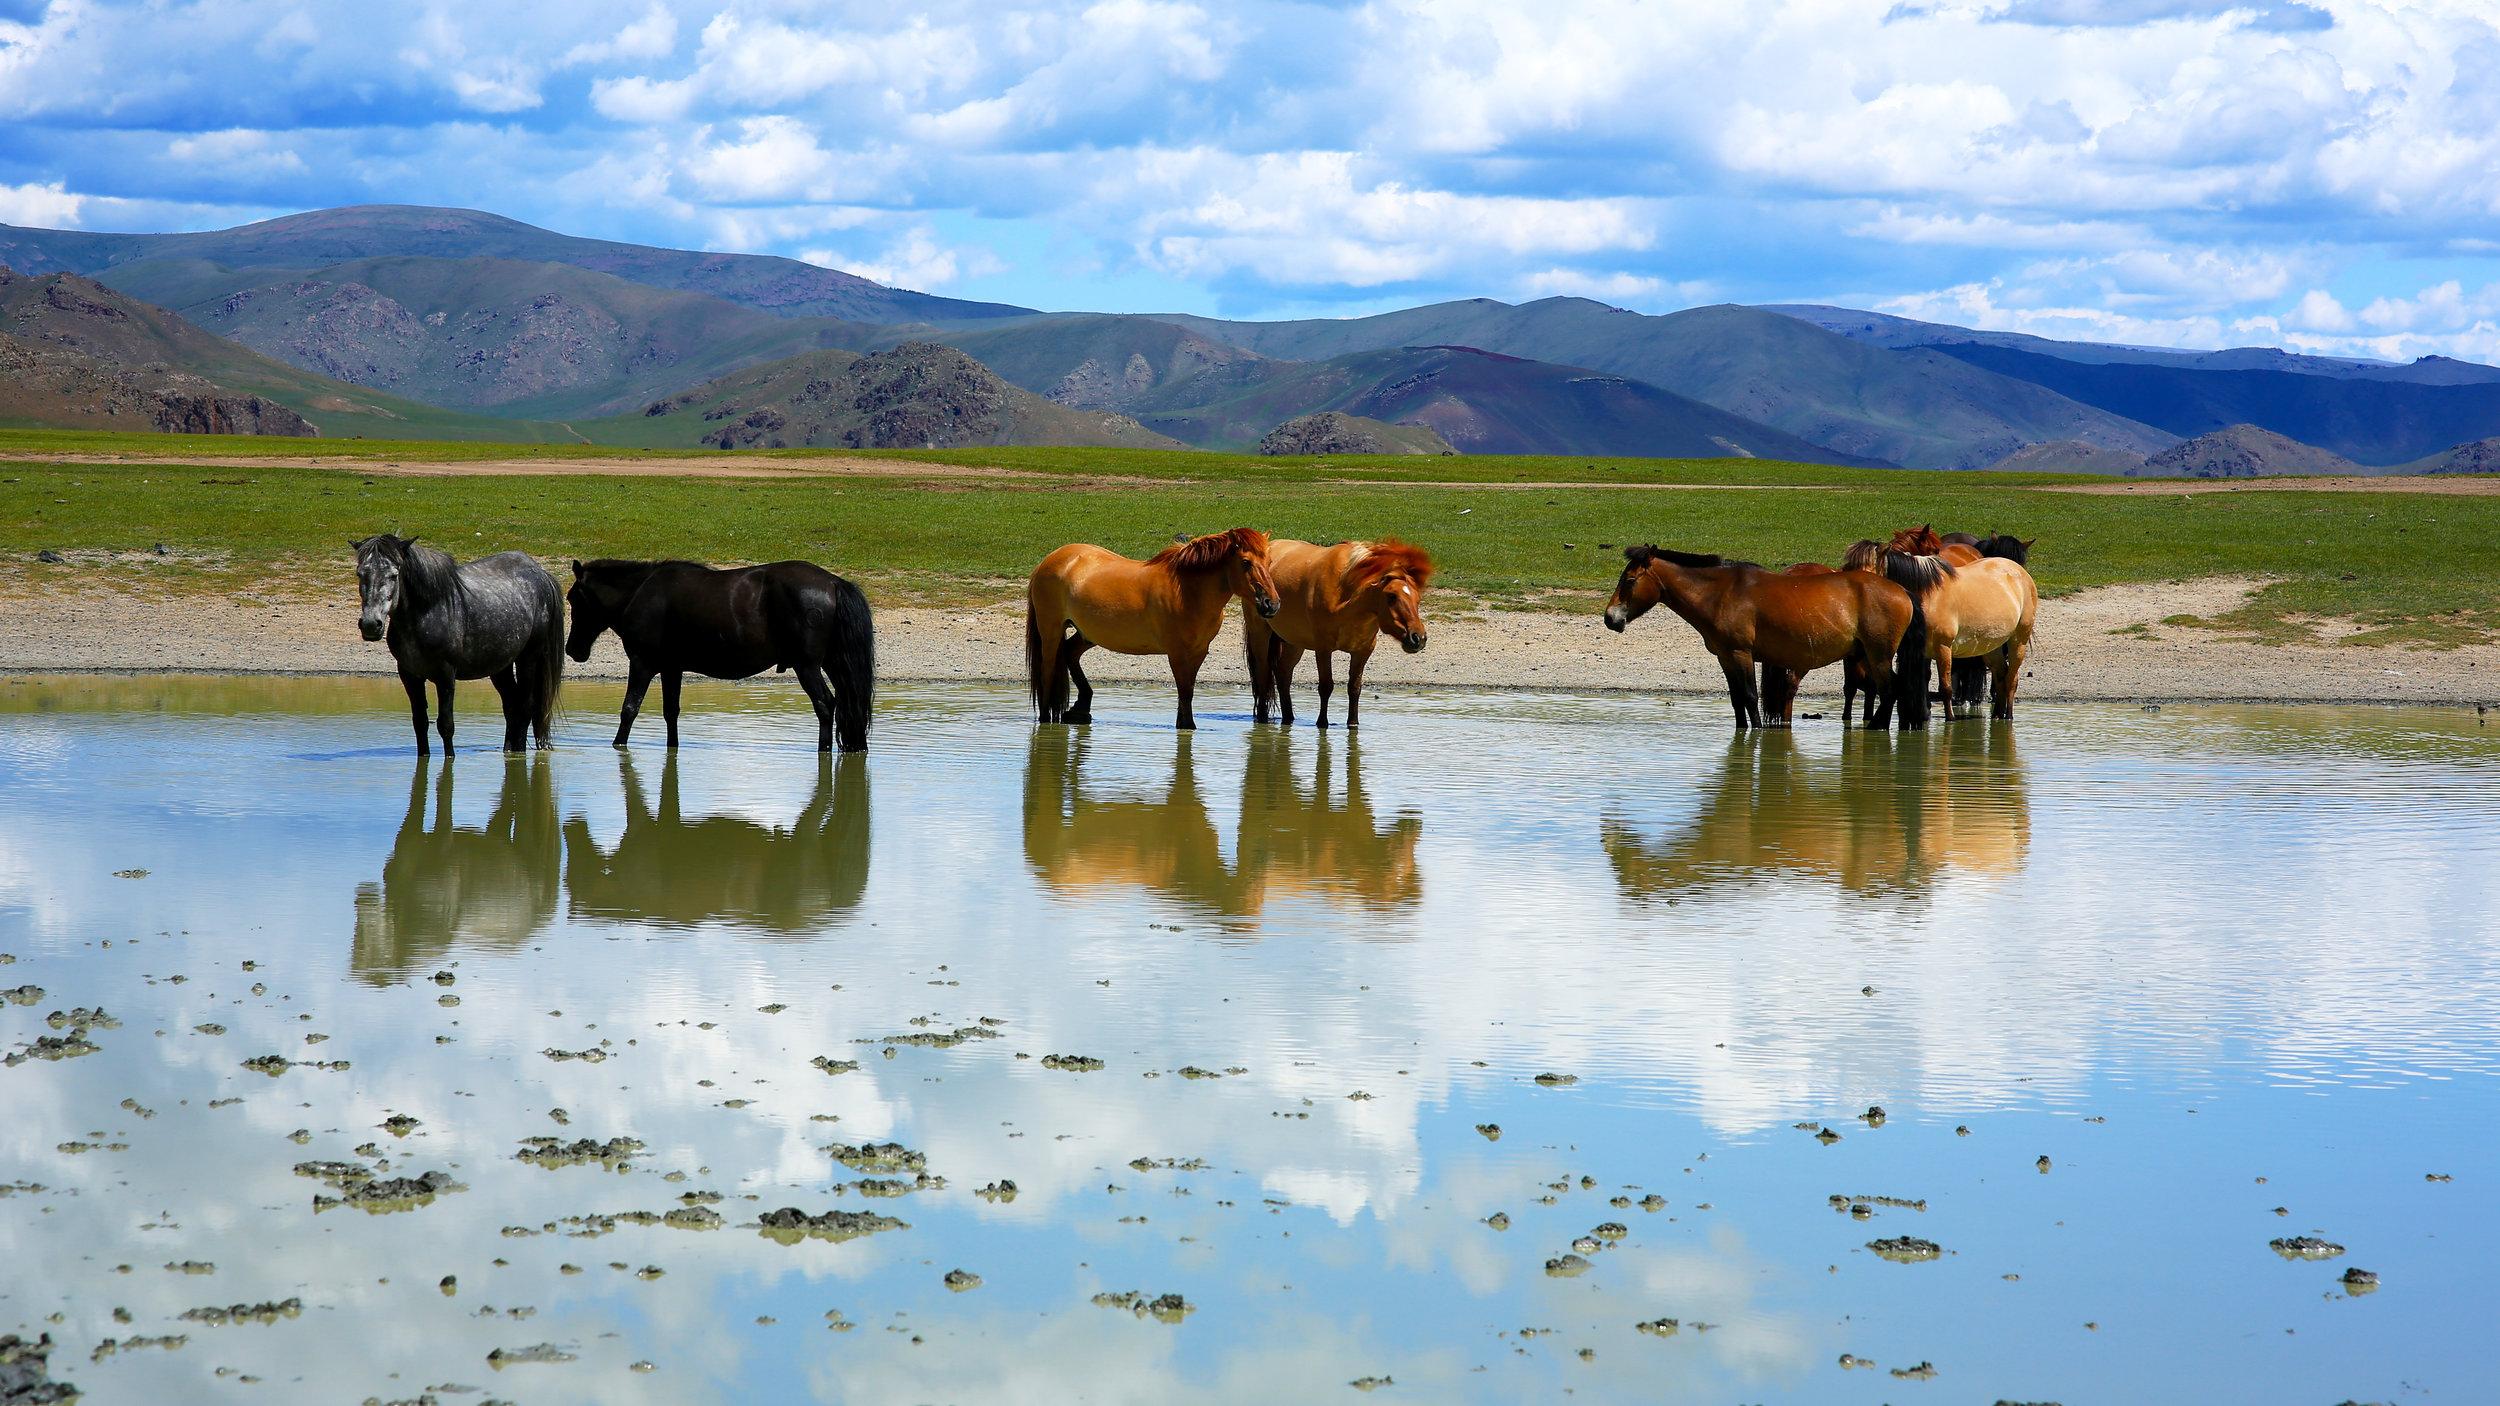 Horse in Field AdobeStock_100589240.jpeg